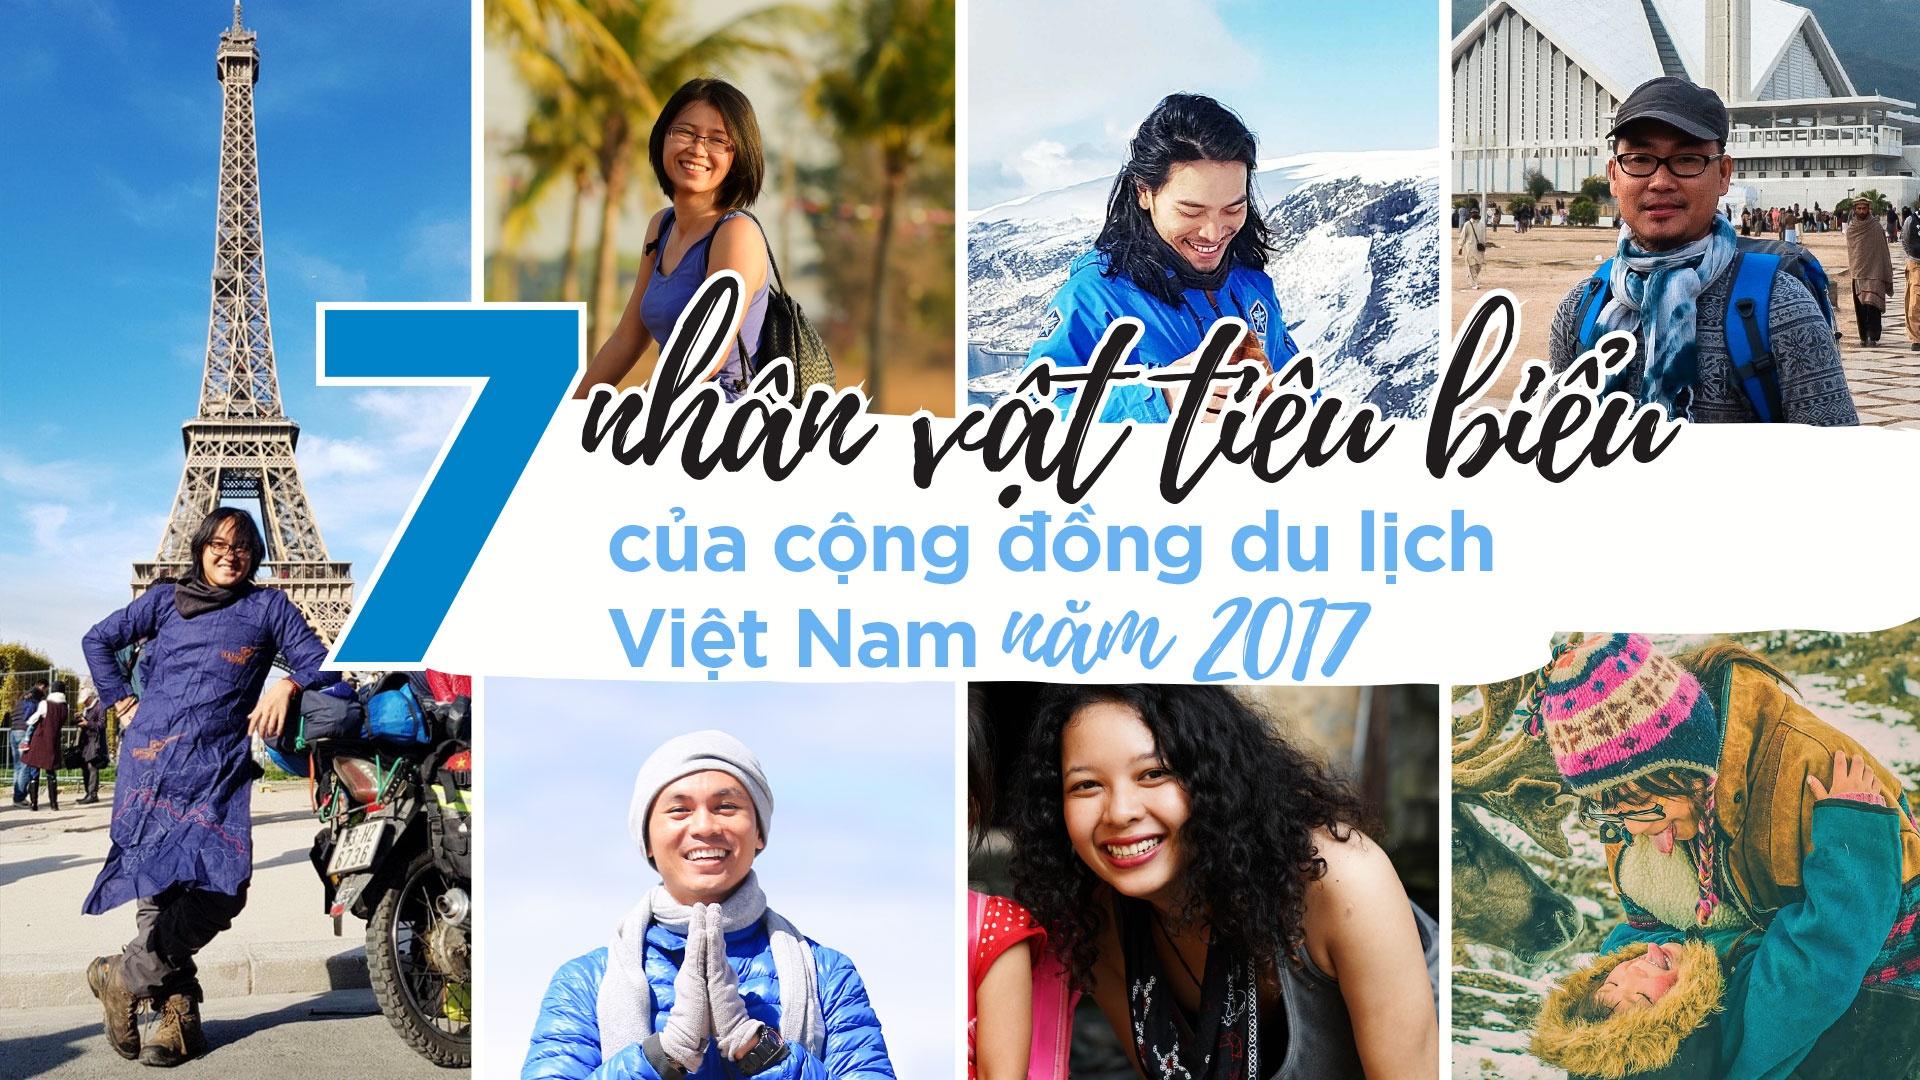 Du lich Viet Nam 2017 anh 1